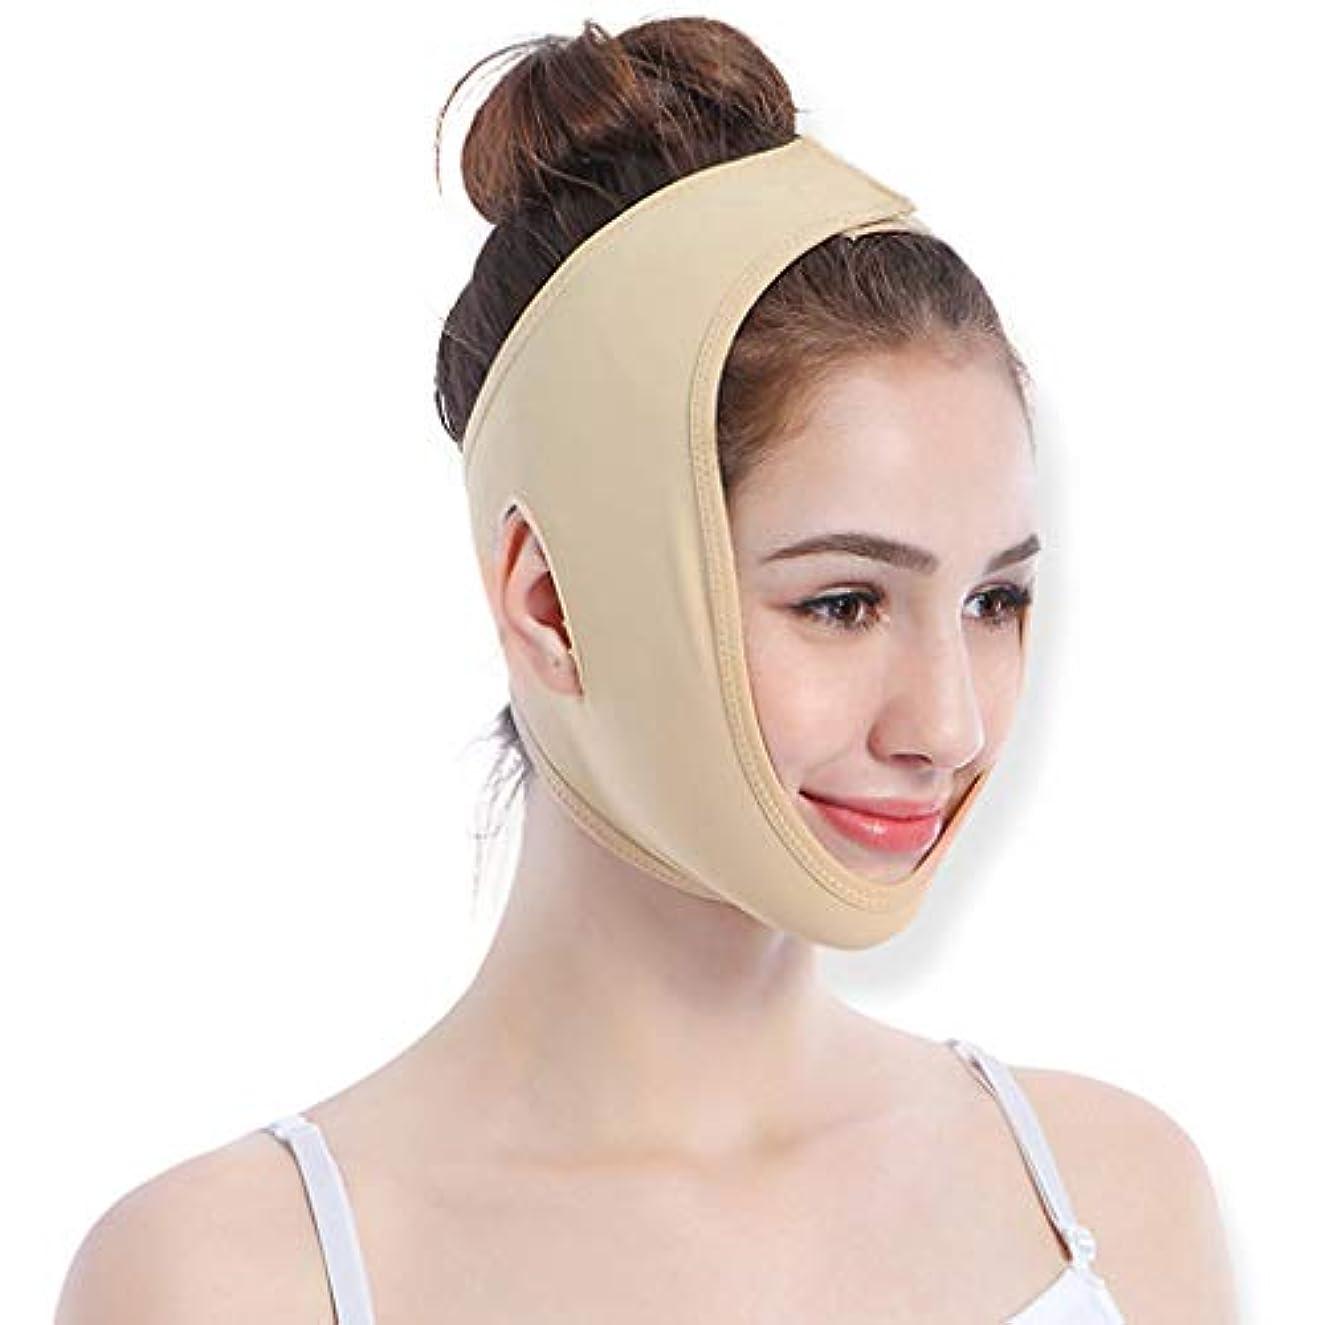 ルネッサンスラッドヤードキップリング虐殺薄い顔のマスクの男性と女性の顔のv顔のマスクの顔の楽器の包帯,XL